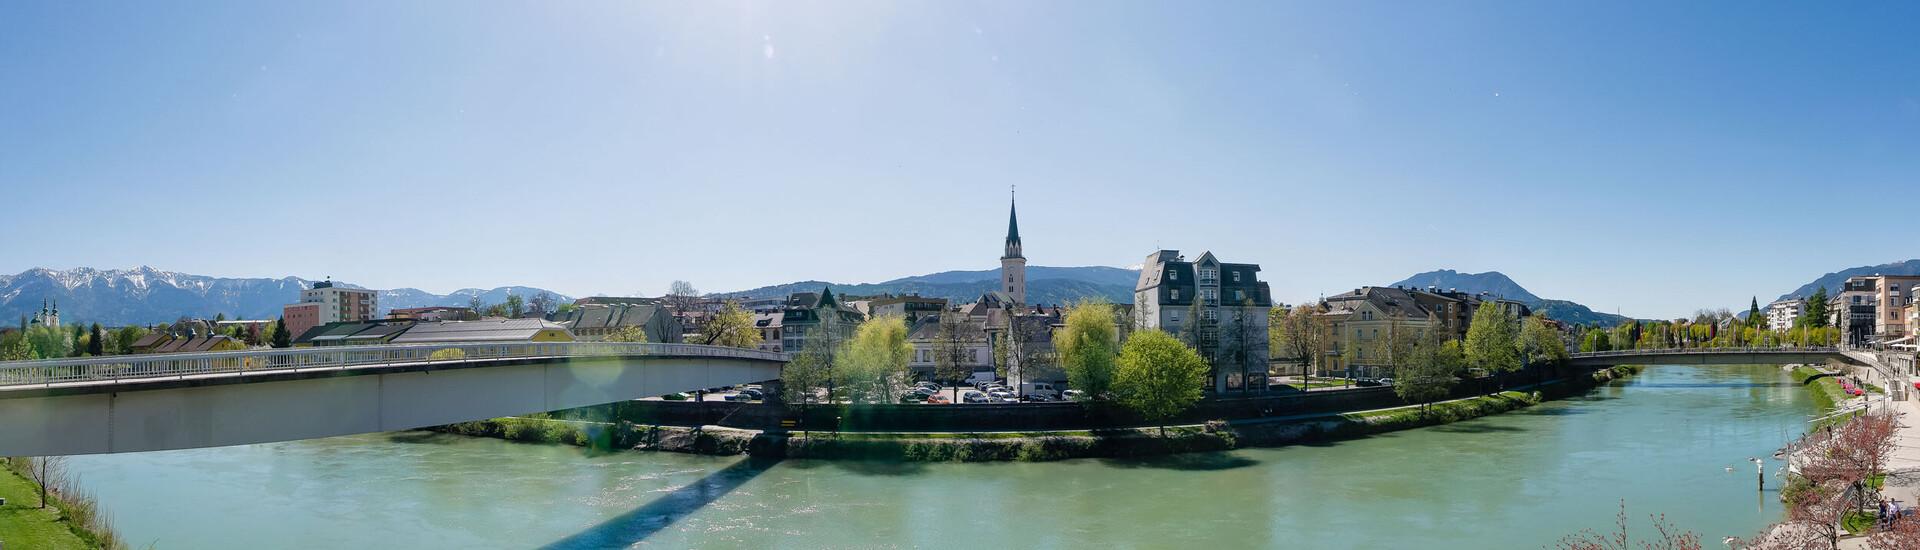 Die Drau und die Stadt Villach mit zahlreichen Veranstaltungen